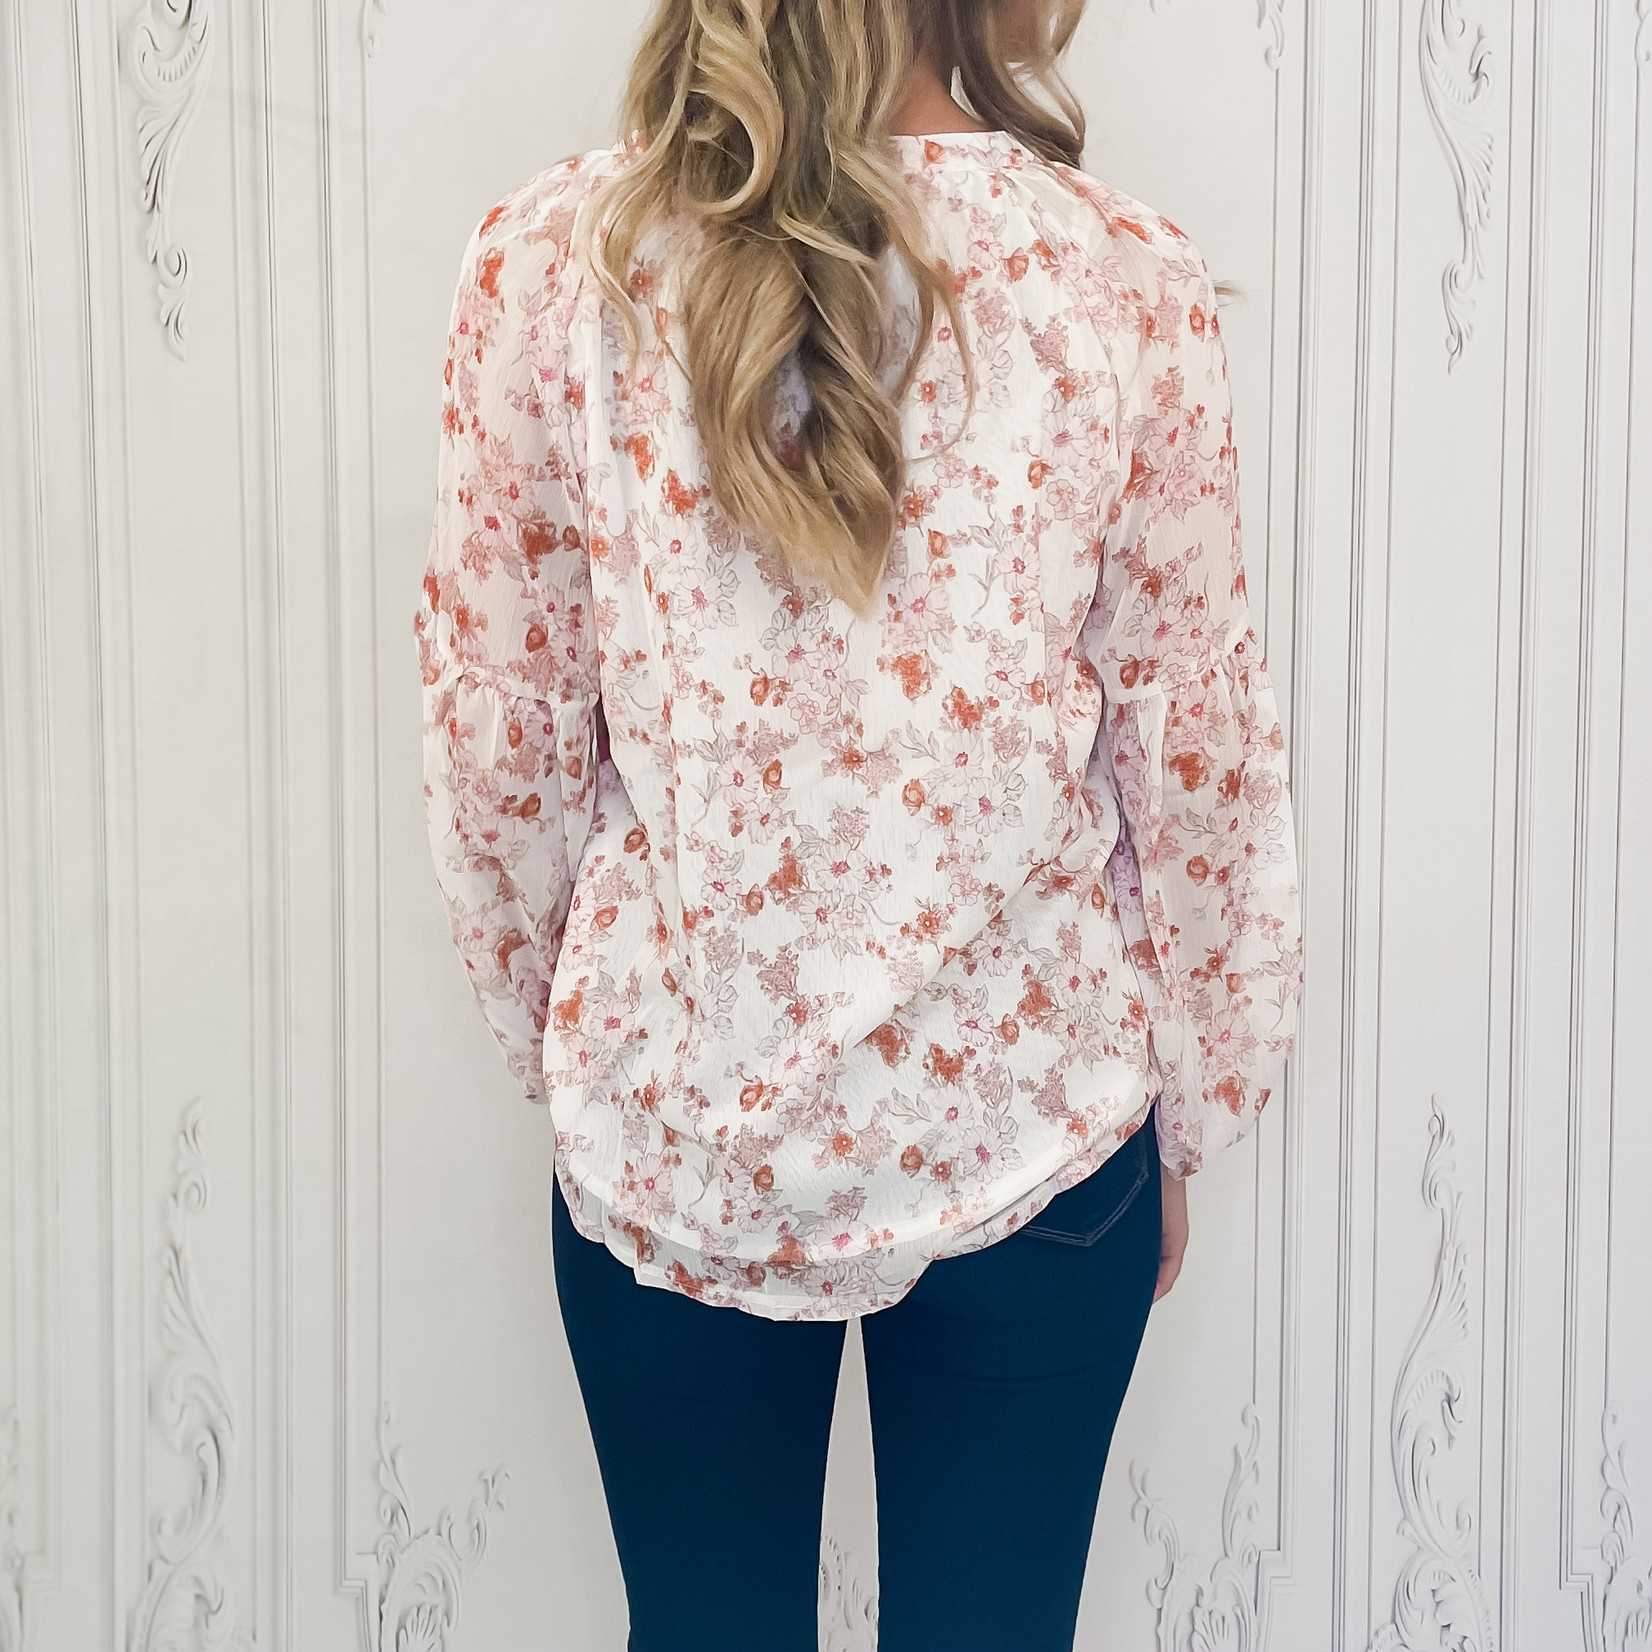 Savoie floral blouse